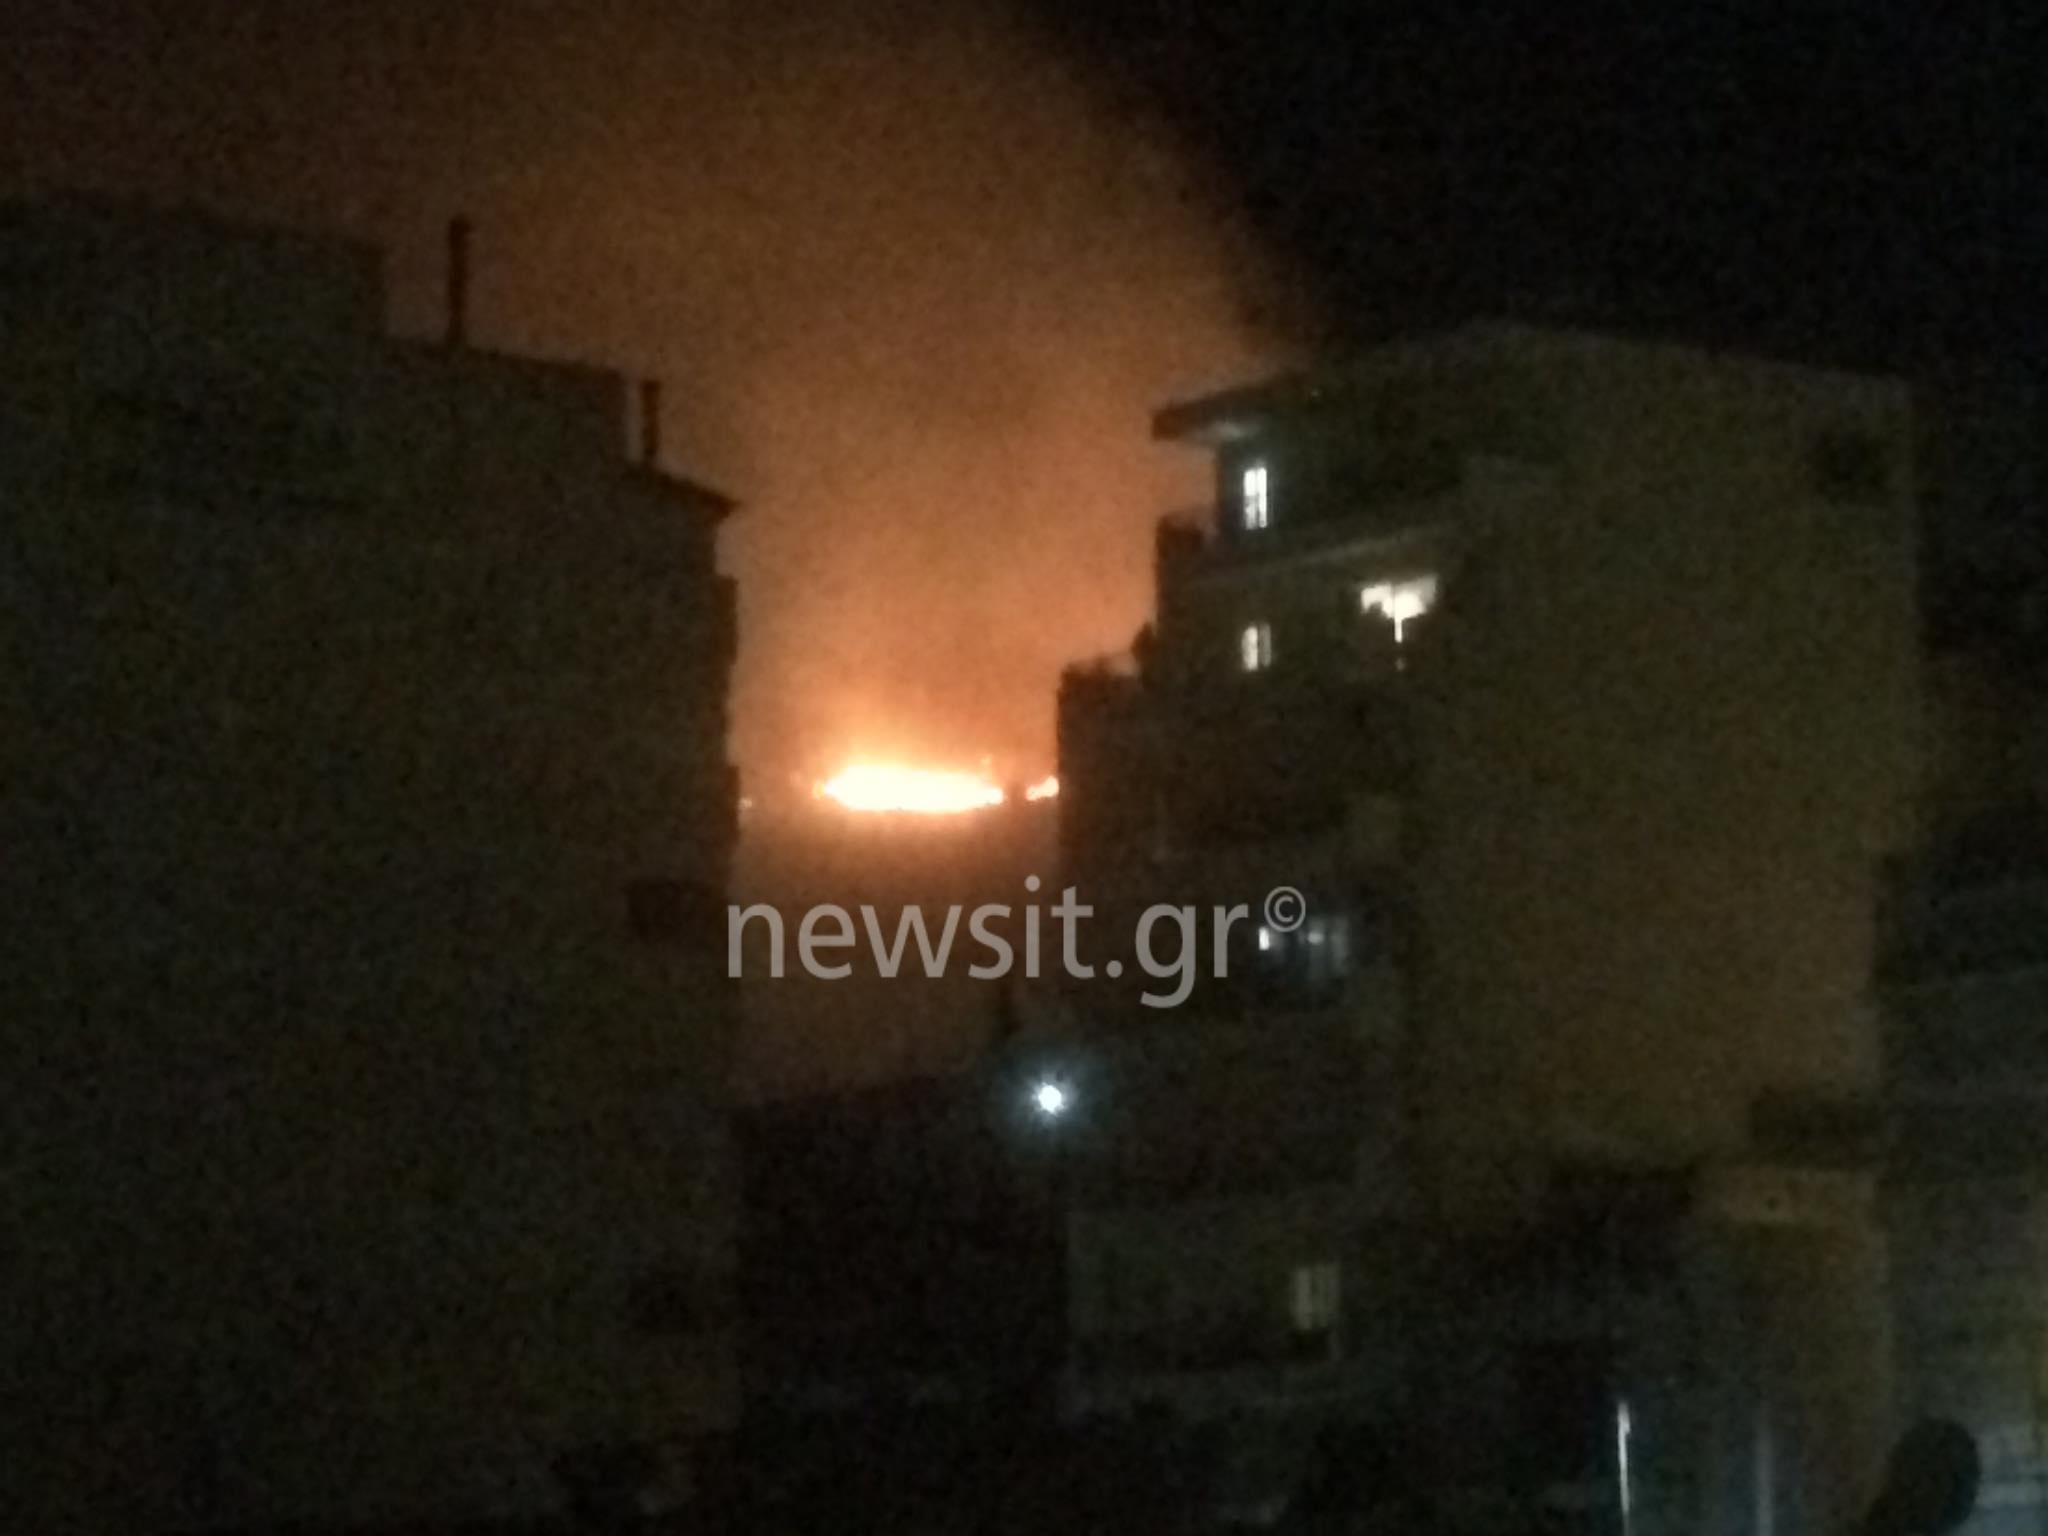 Μεγάλη φωτιά στο Πέραμα – Μάχη με τις φλόγες οι πυροσβεστικές δυνάμεις